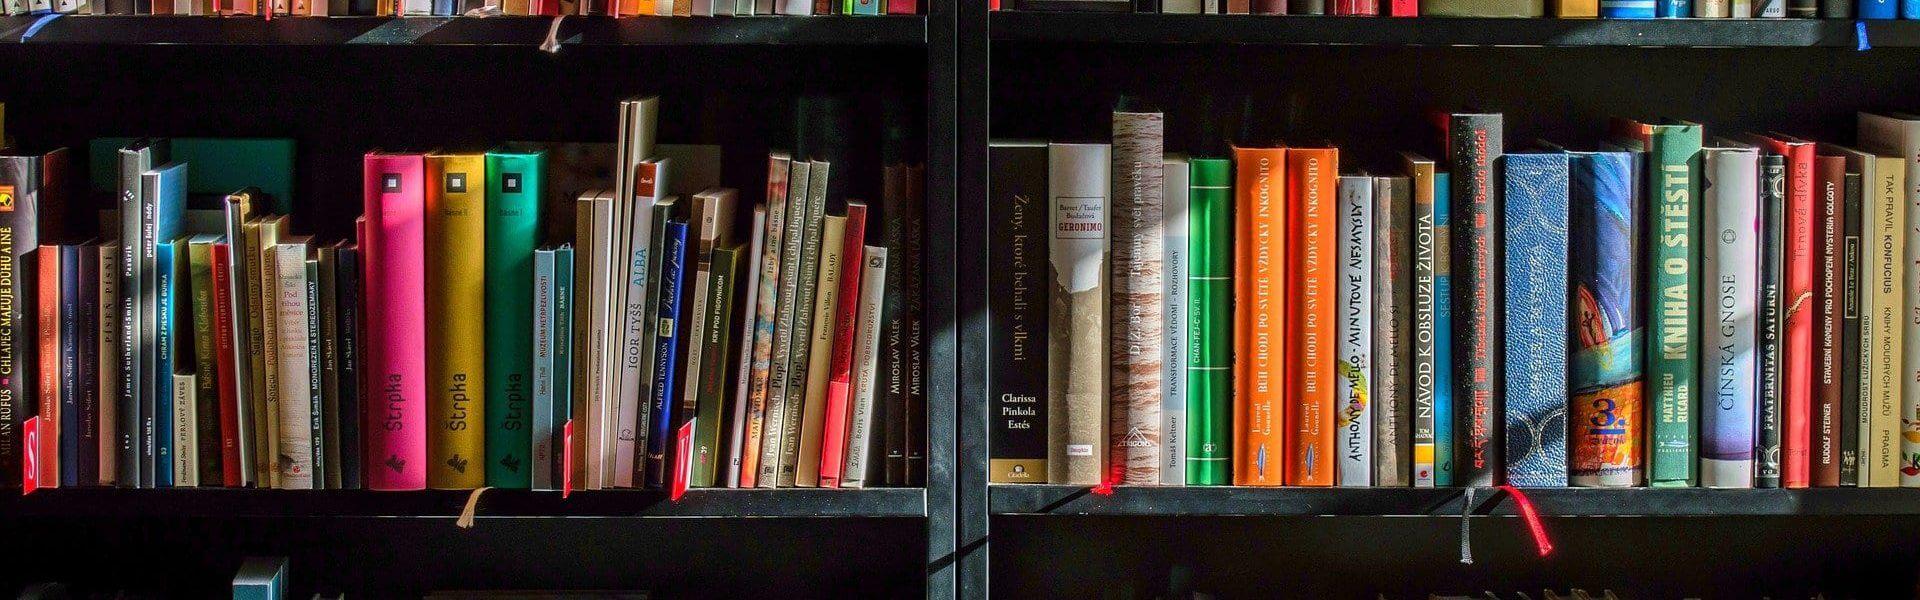 ספרים. תמונה: pixabay